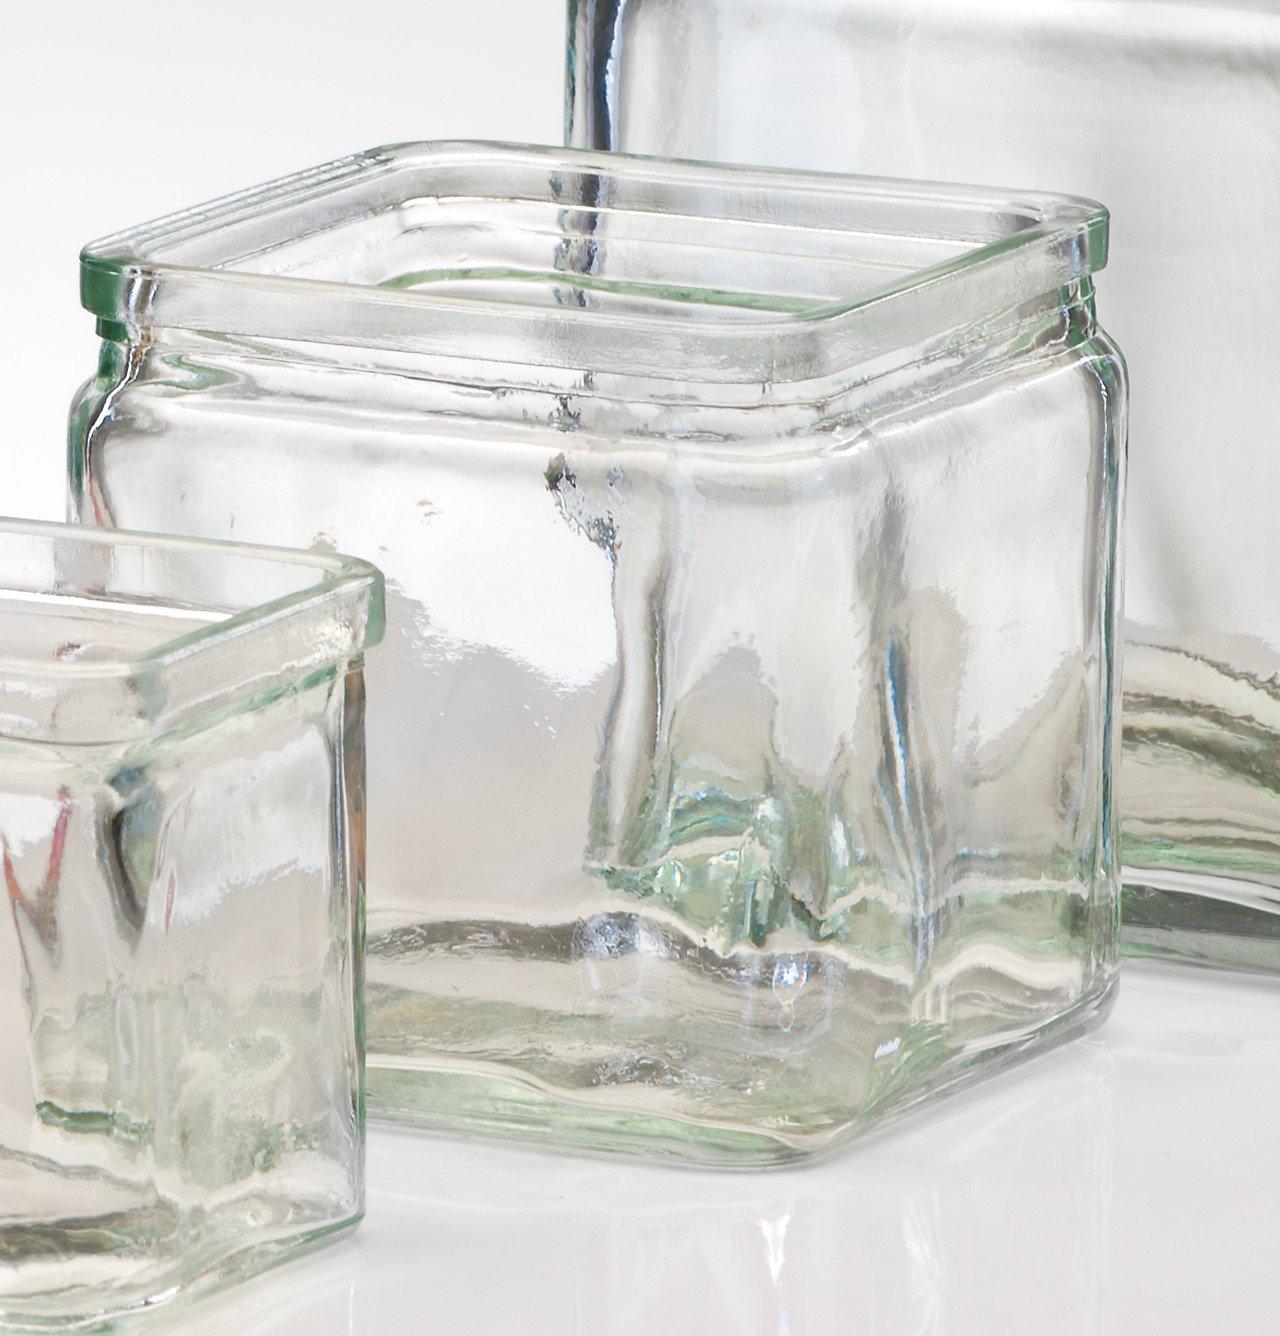 Sandra Rich - Vaso squadrato trasparente Rustic, Vetro, trasparente, 7,5 cm hoch Durchmesser 7,5 x 7,5 cm